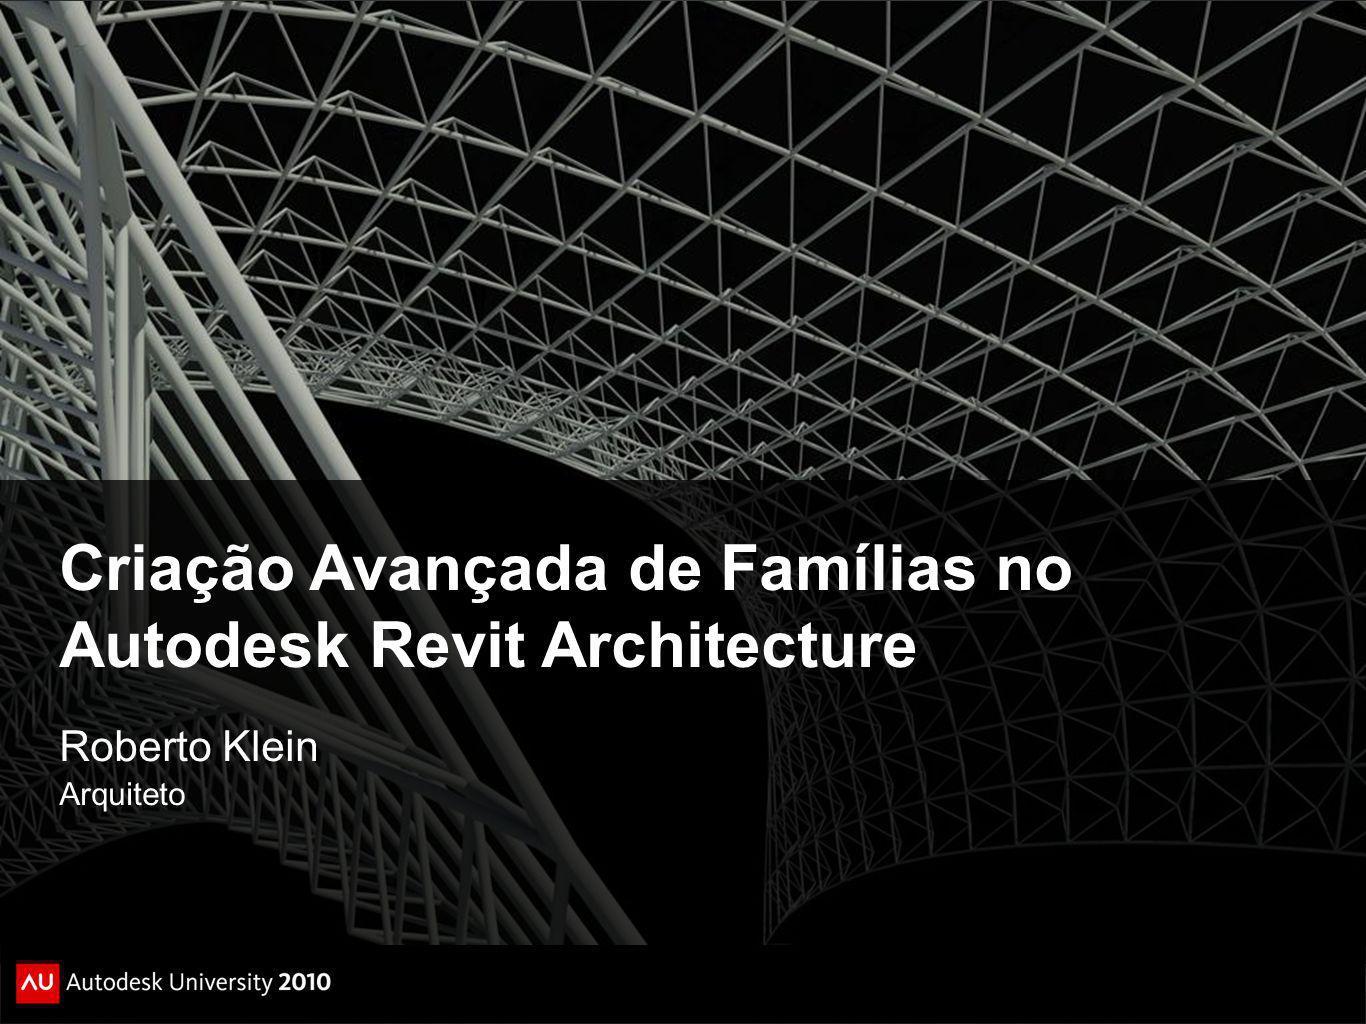 Criação Avançada de Famílias no Autodesk Revit Architecture Roberto Klein Arquiteto